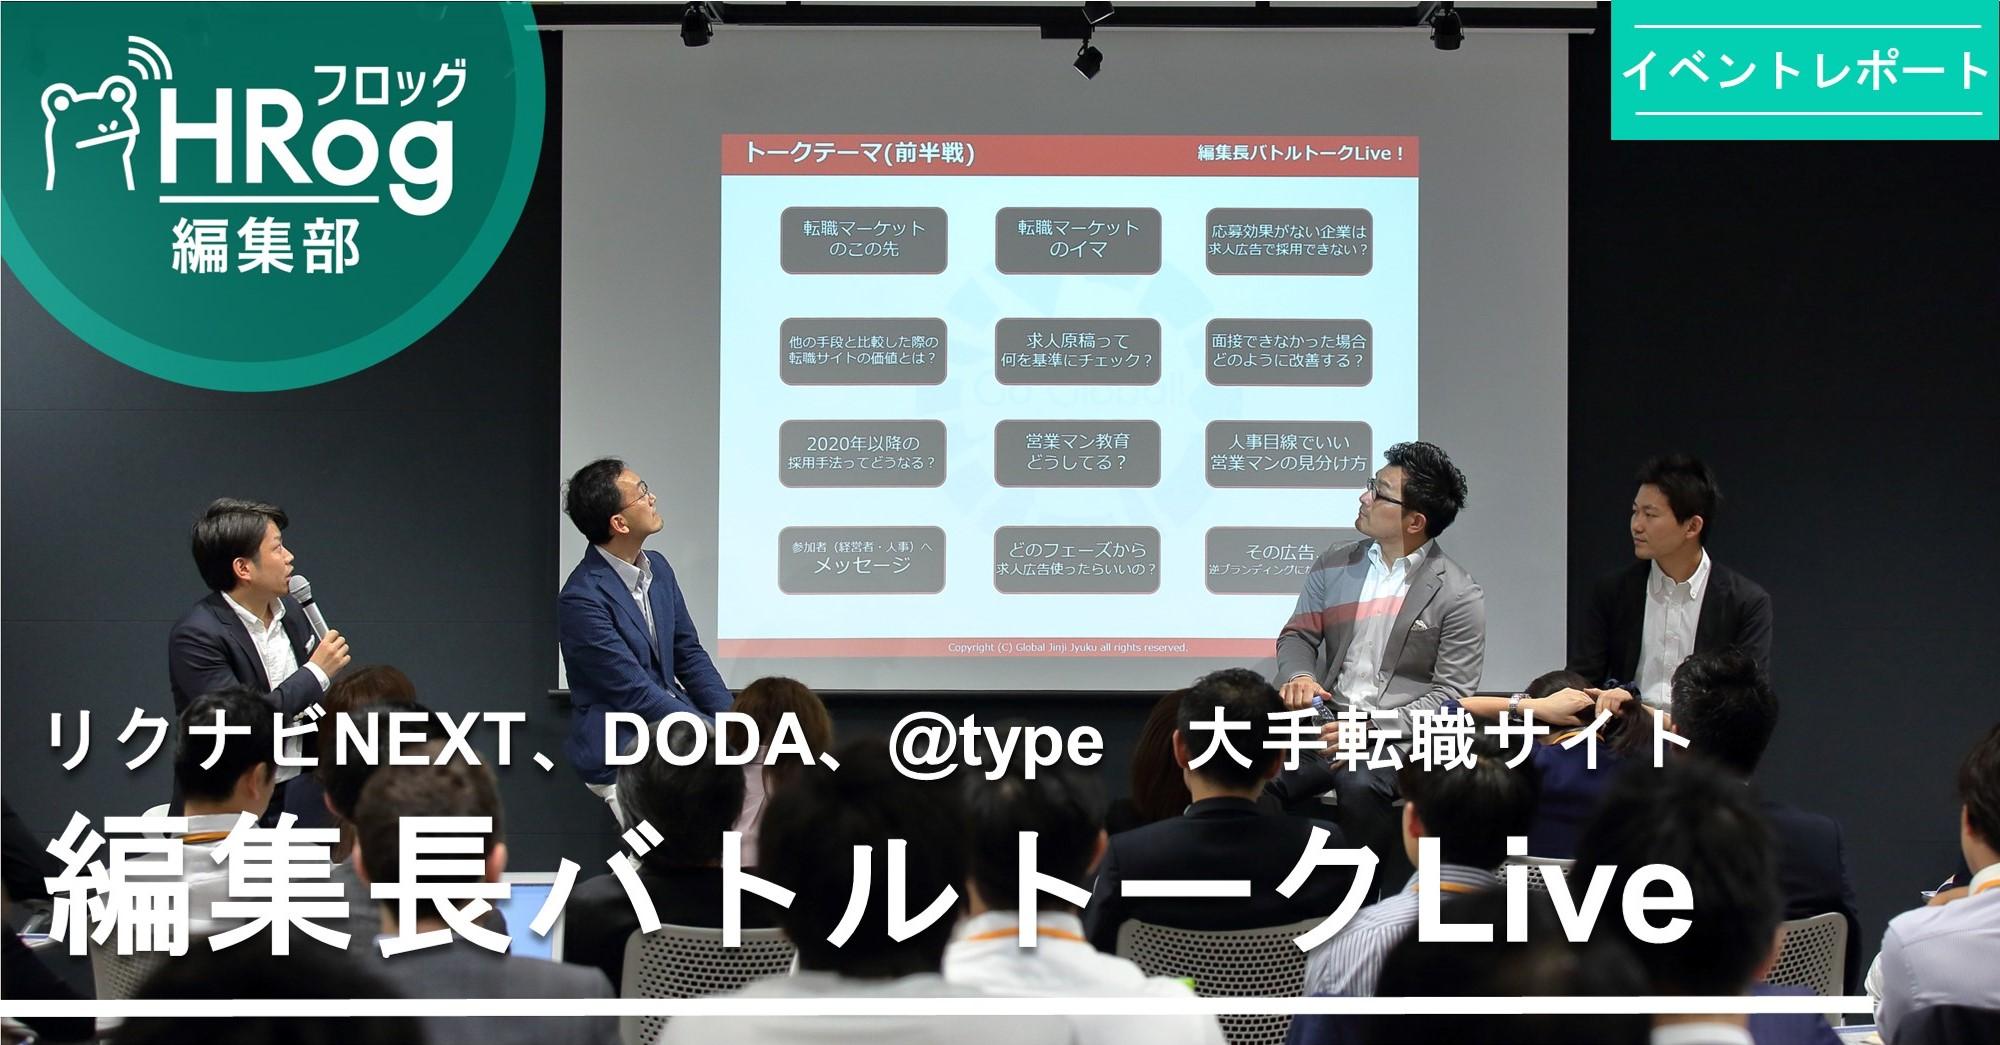 転職サイトはなくなる?リクナビNEXT、doda、typeの編集長が語る、転職マーケットの今と未来【前編】